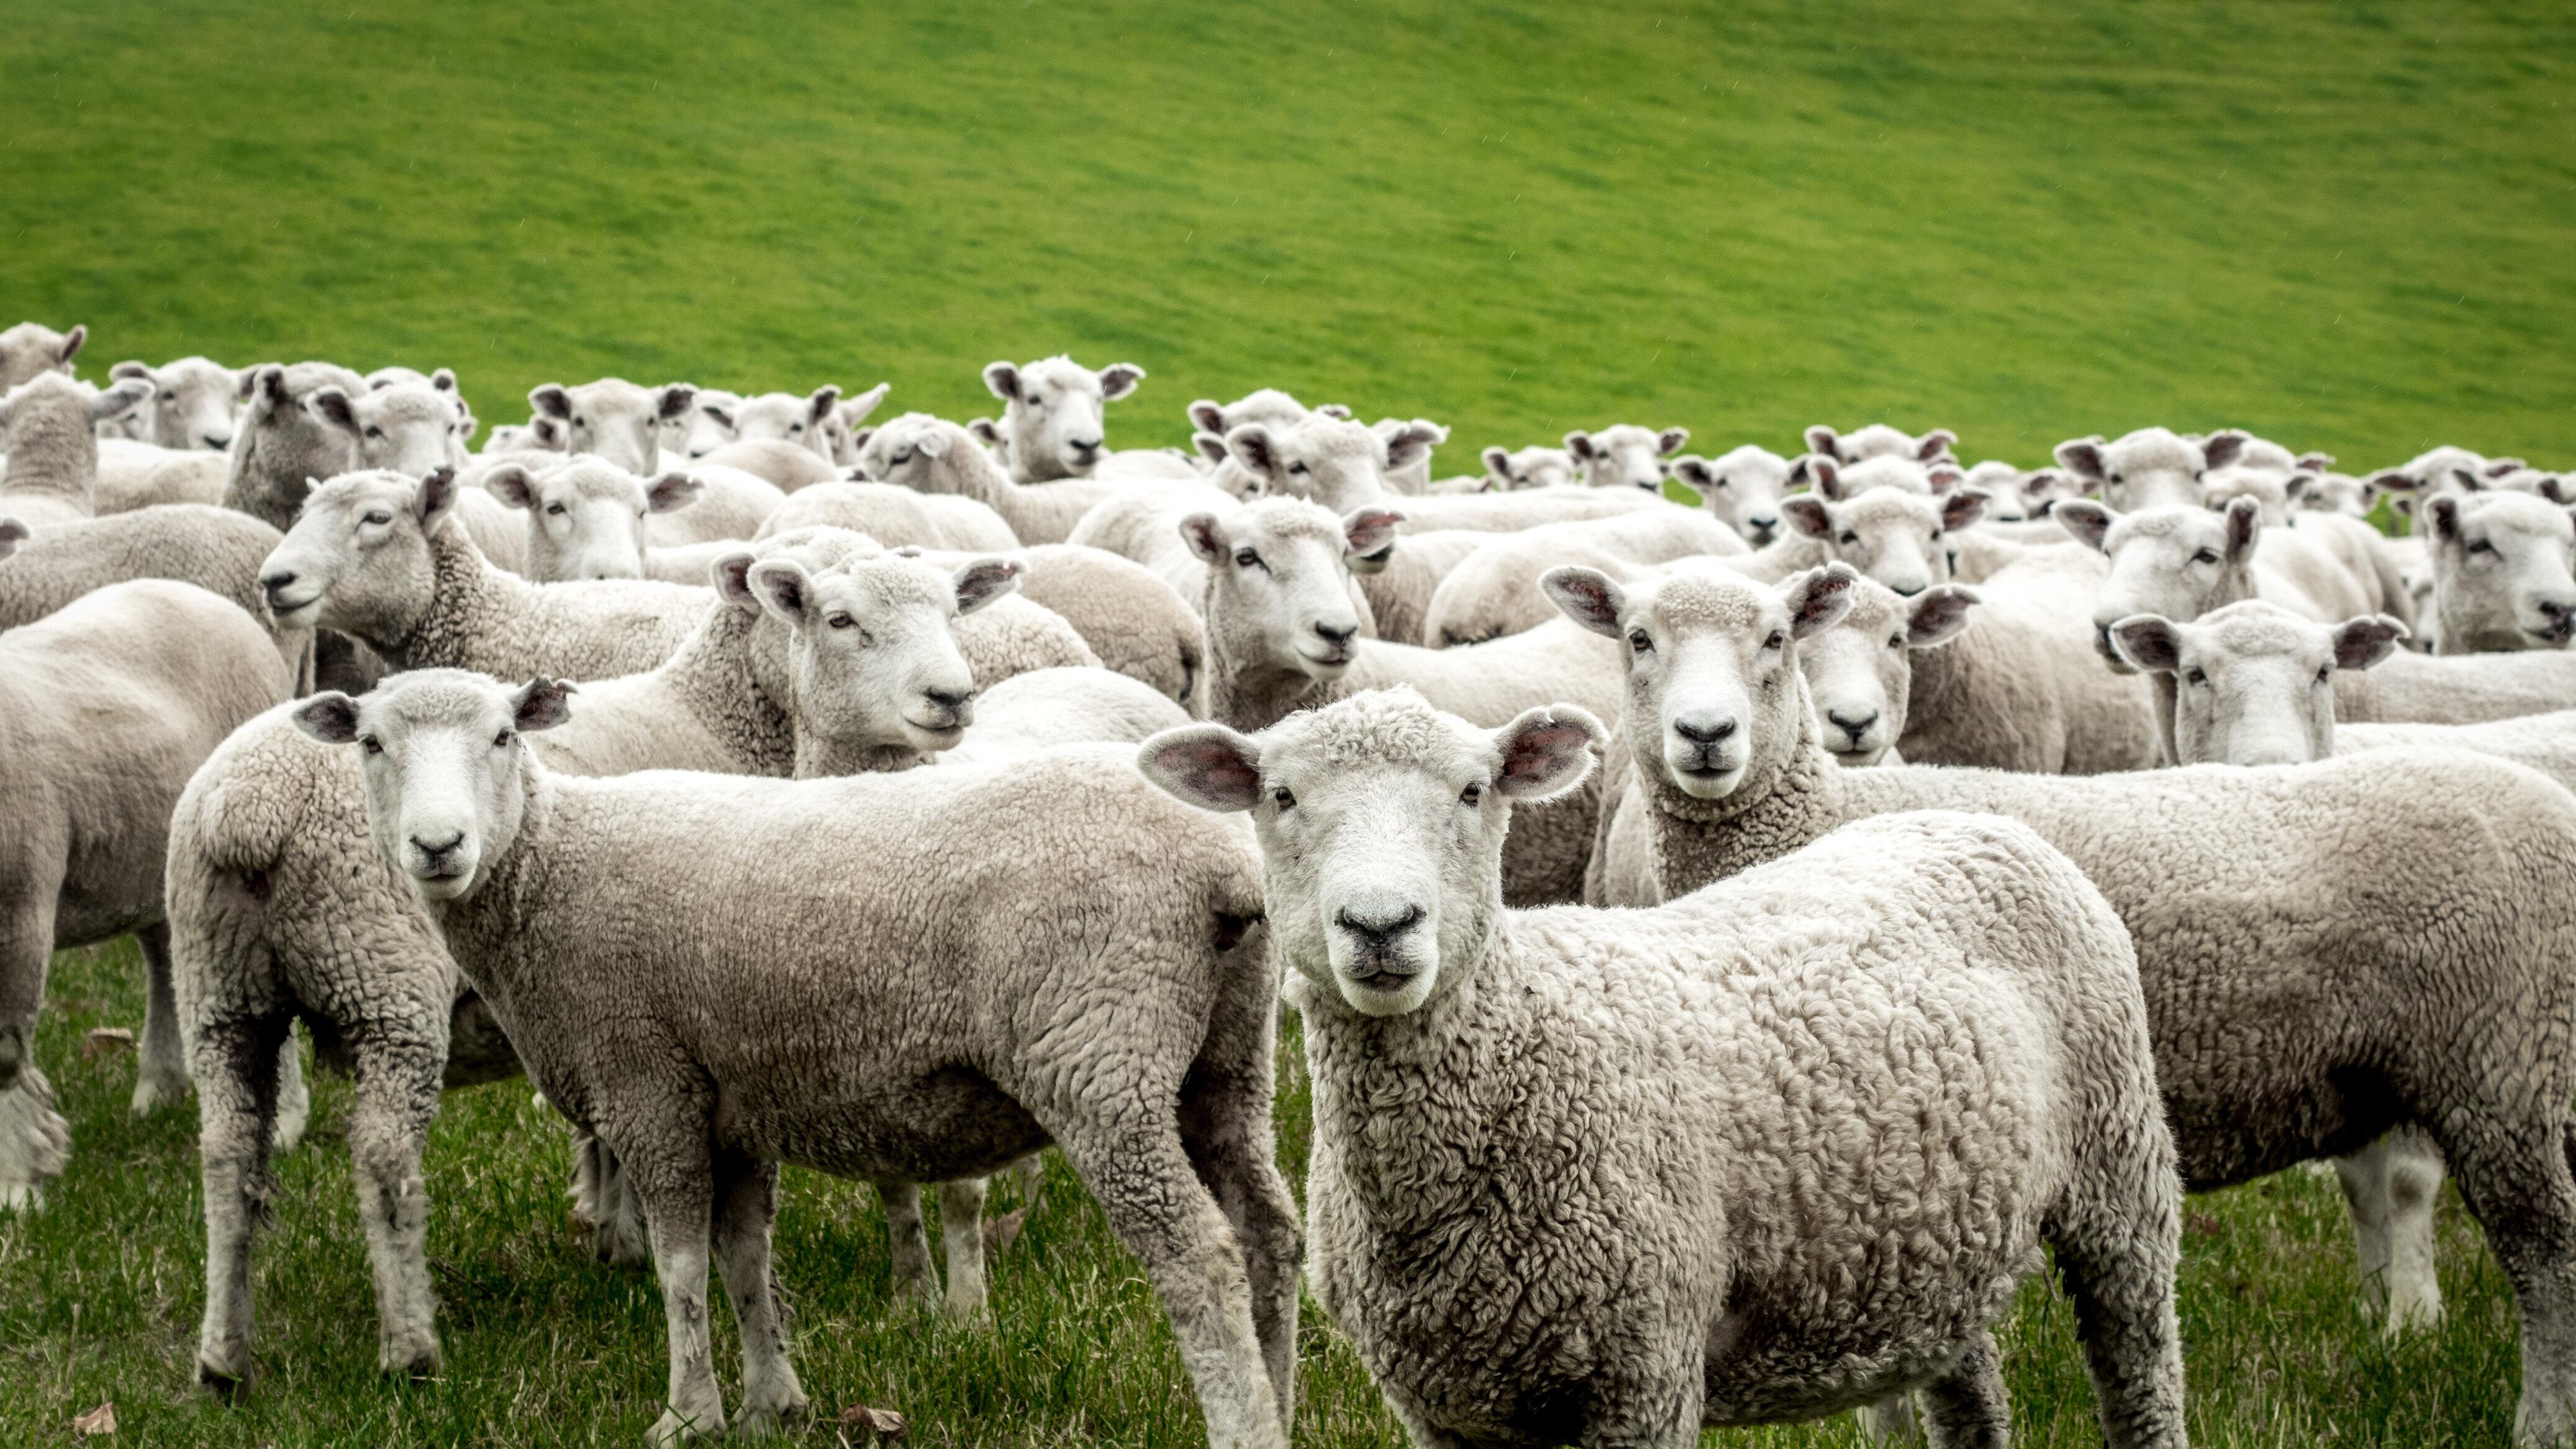 Iscrivono 15 pecore a scuola: l'iniziativa in Francia per evitare la chiusura di una